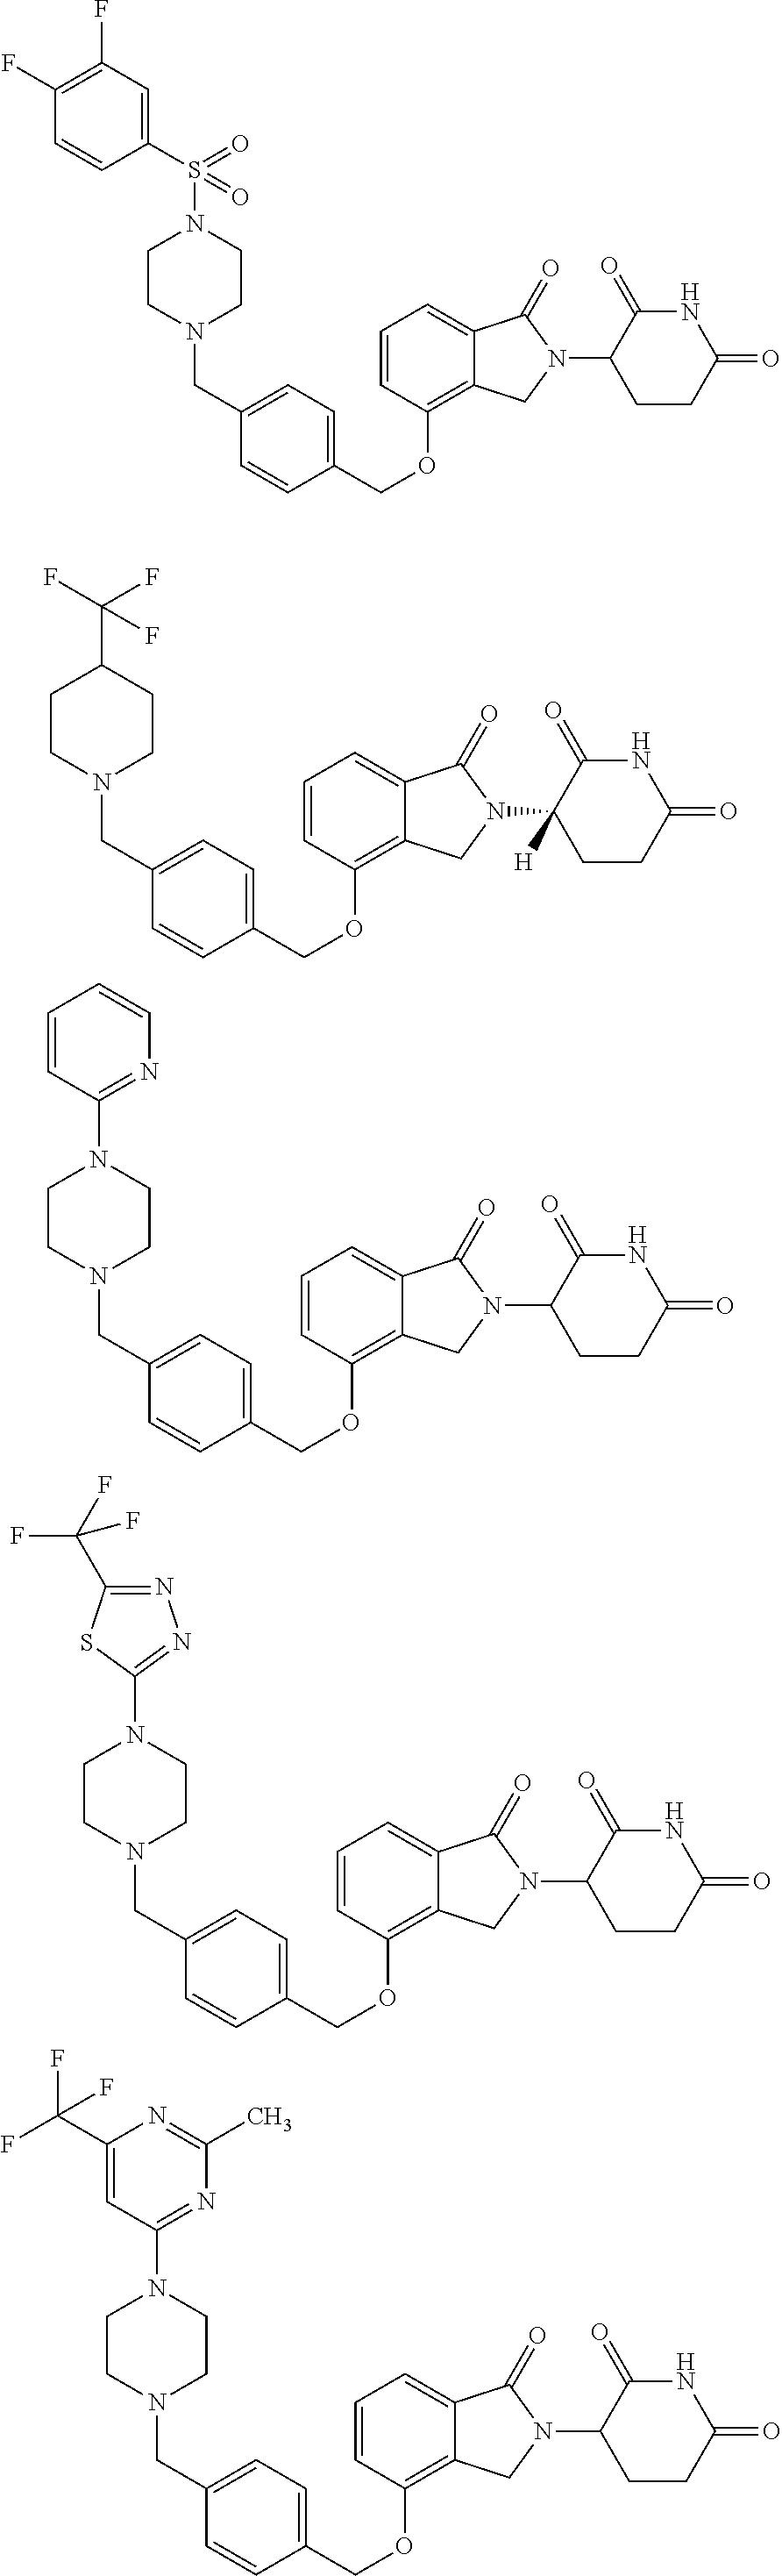 Figure US09822094-20171121-C00049